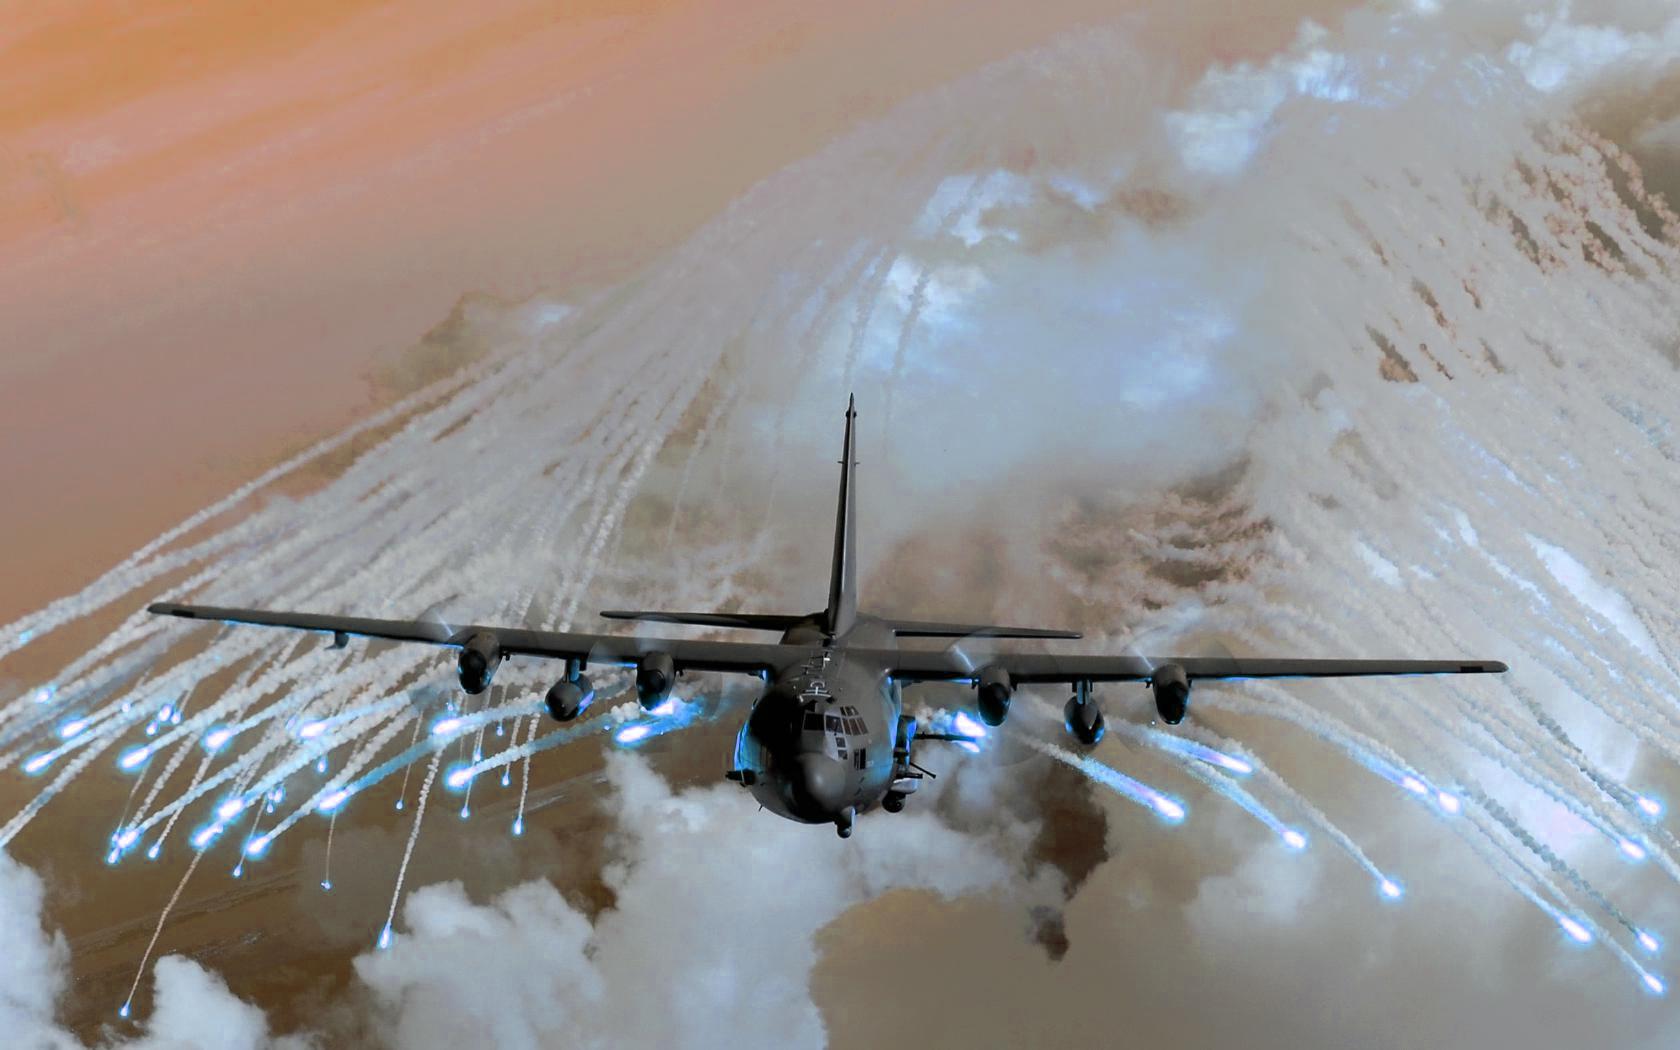 Militär - Lockheed AC-130  - Ac130 - Ac 130 Hintergrundbild